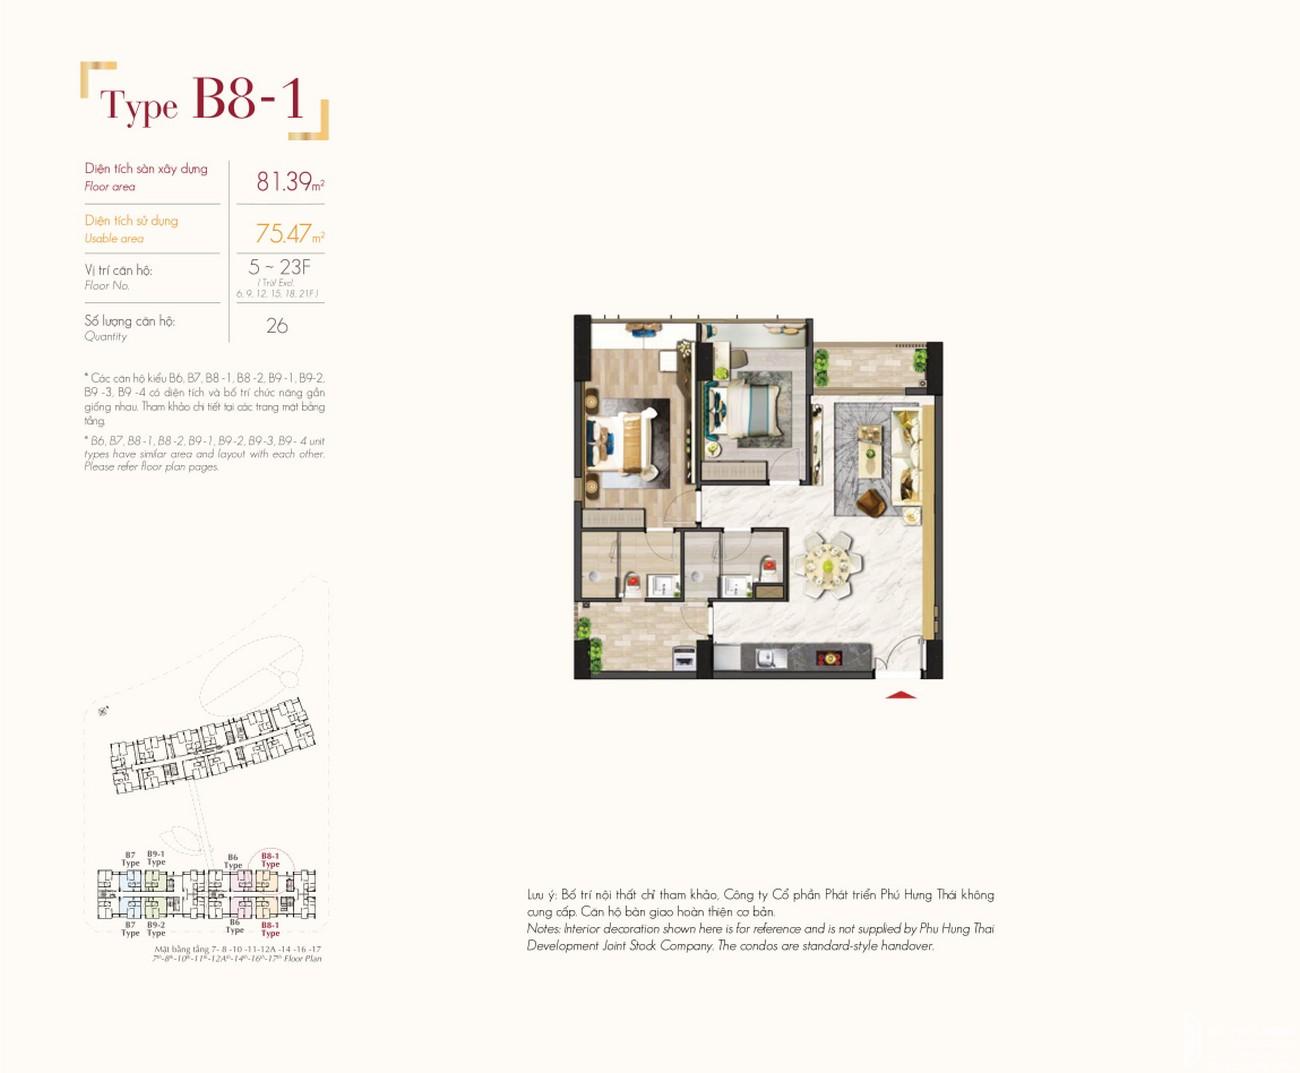 Thiết kế dự án căn hộ chung cư The Signature PMH Quận 7 Đường Đường 16 chủ đầu tư Phú Mỹ Hưng